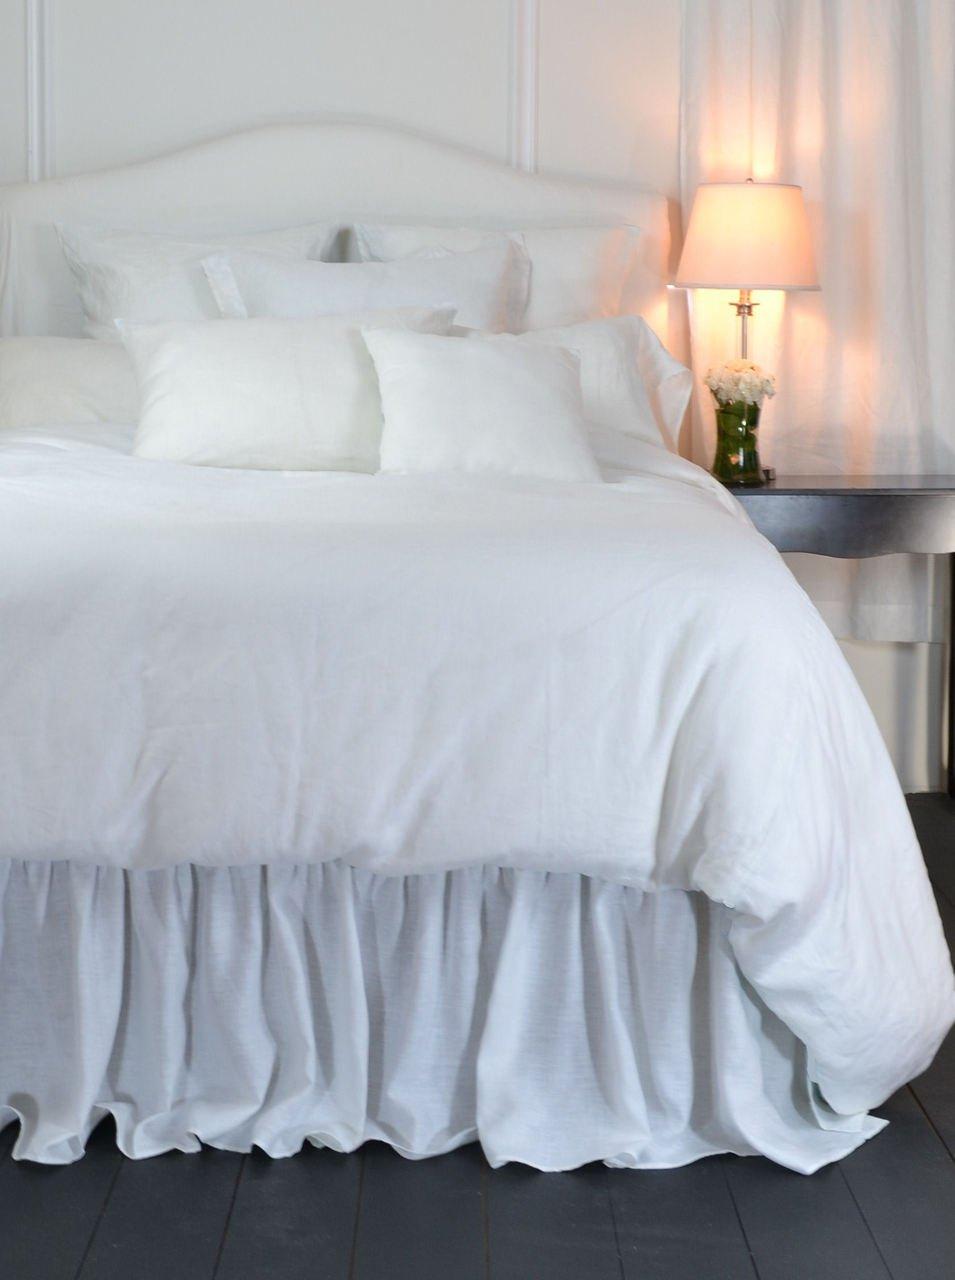 Custom Long Linen Linen Ruffled Bedskirt White Linen Bedskirt King 20'' Drop by La Mode Couture